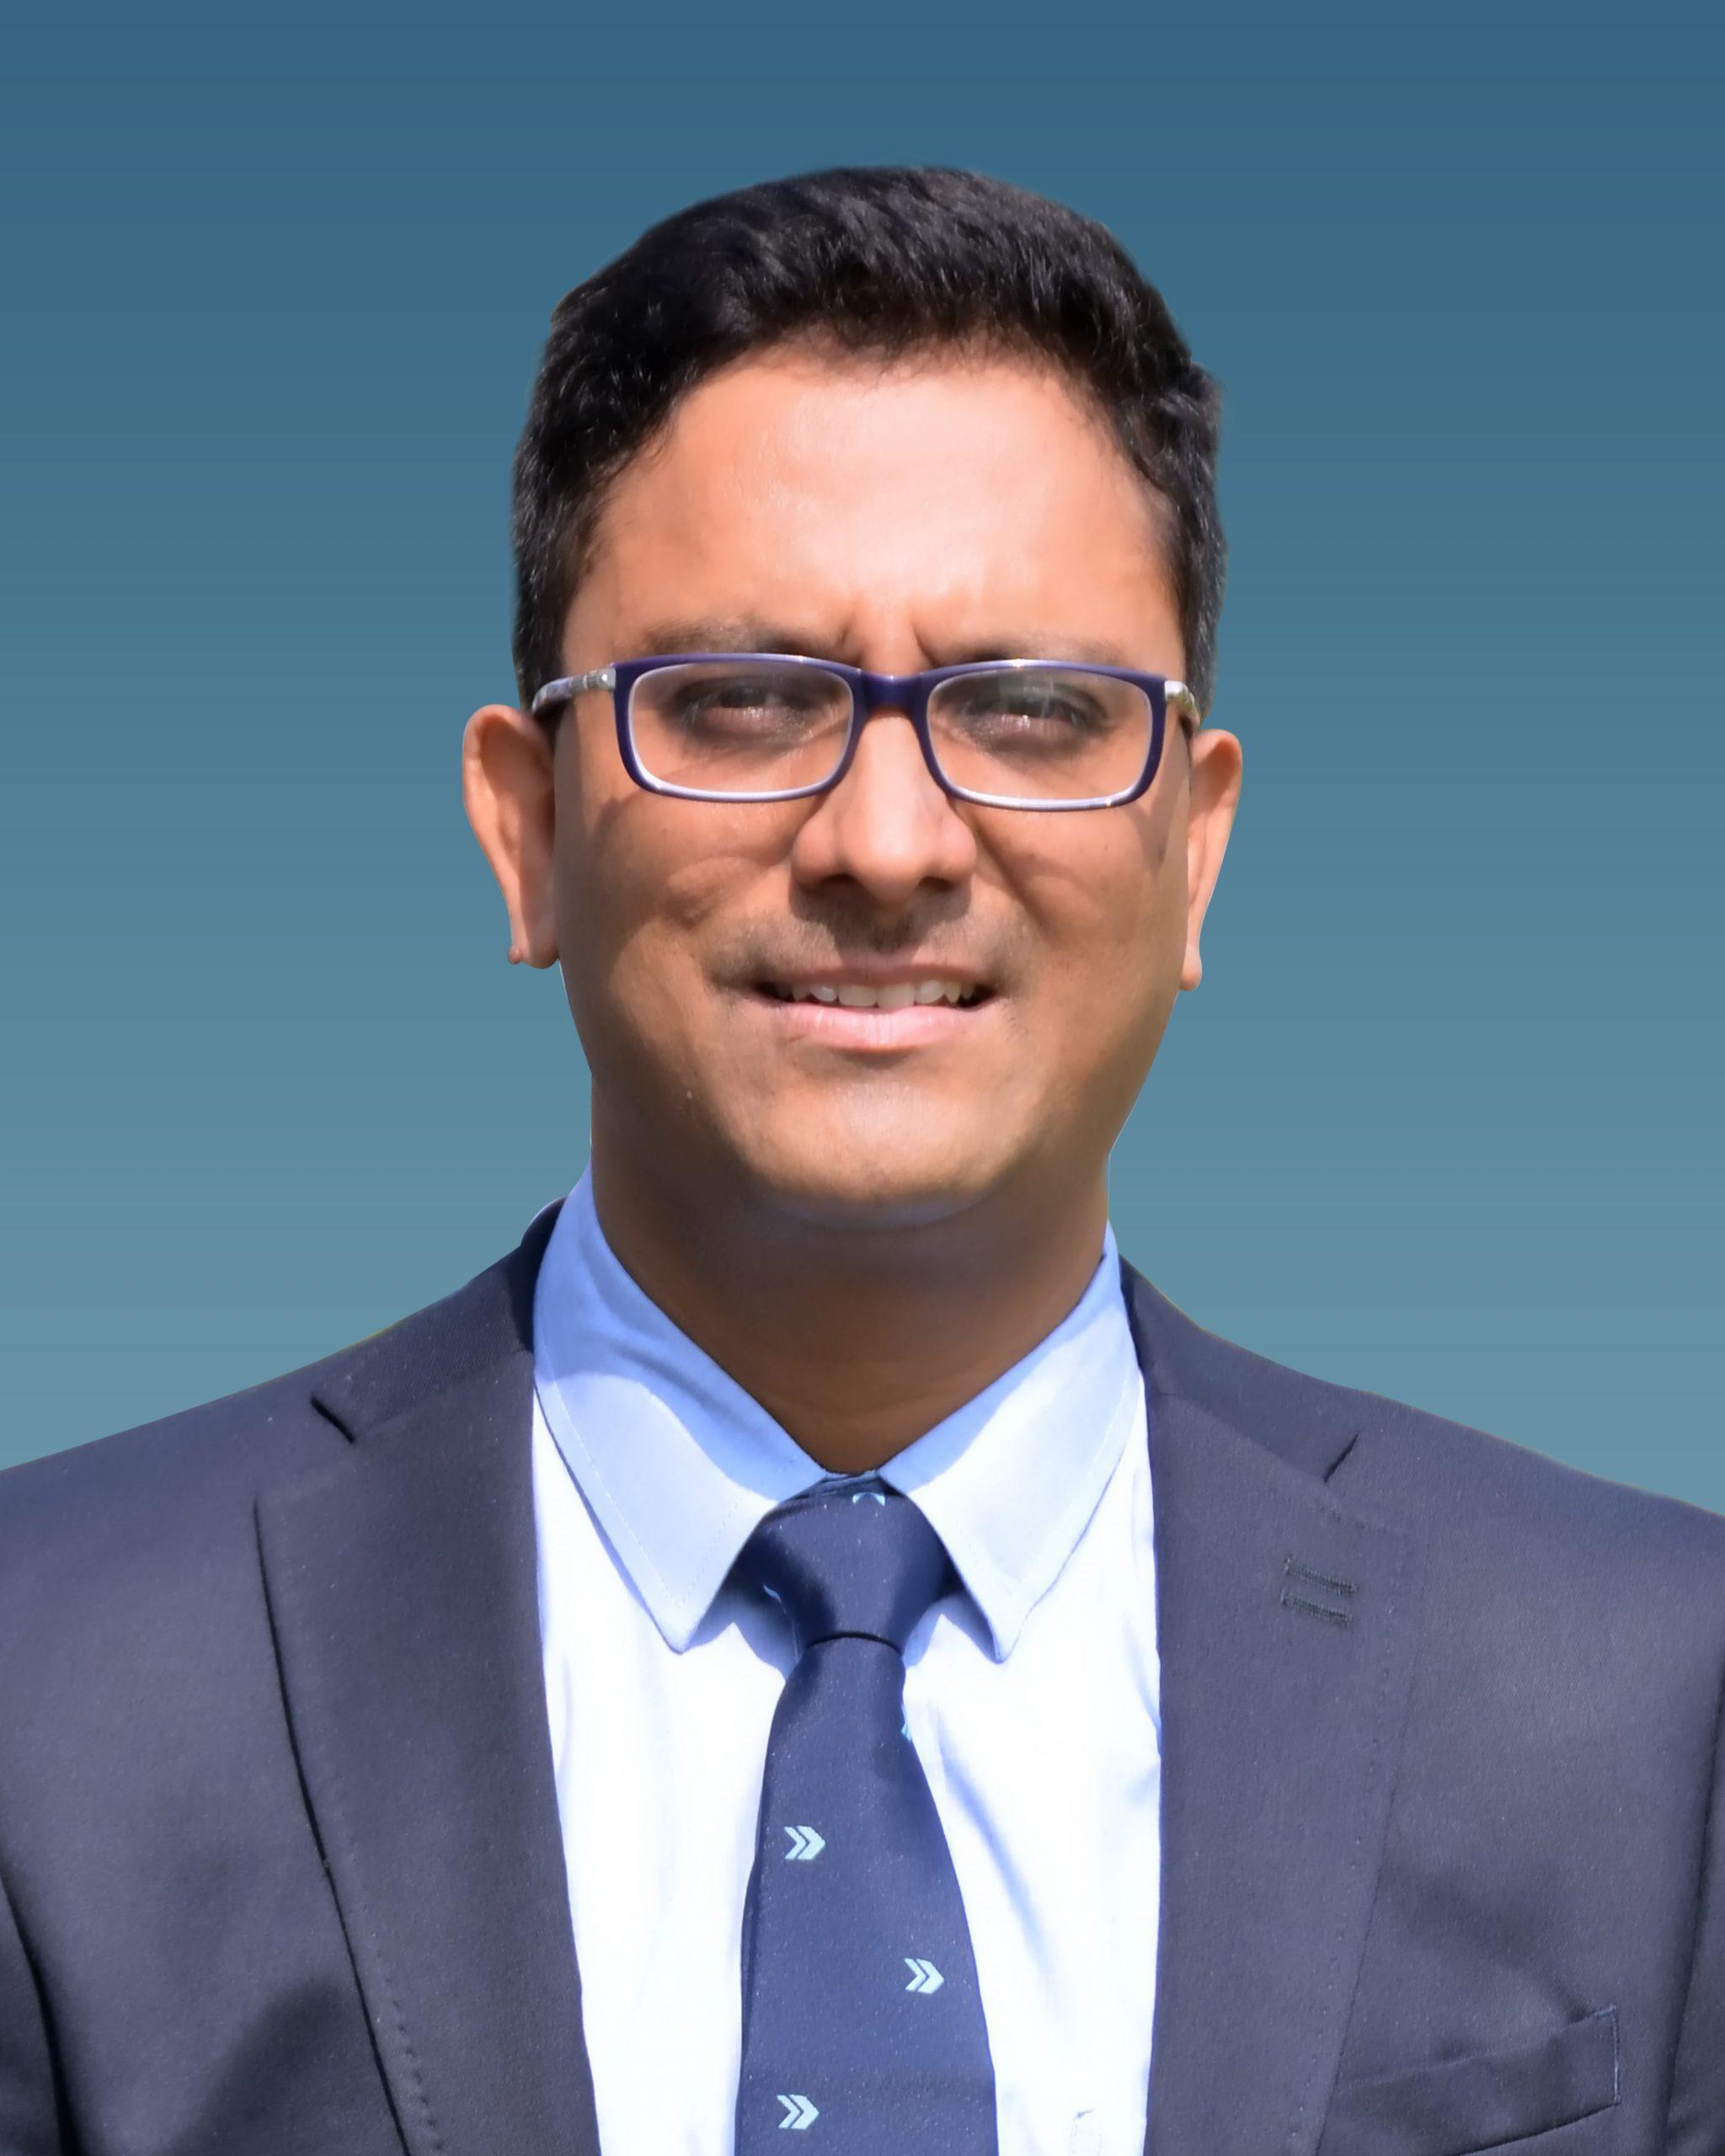 Mr. Puneet Gupta